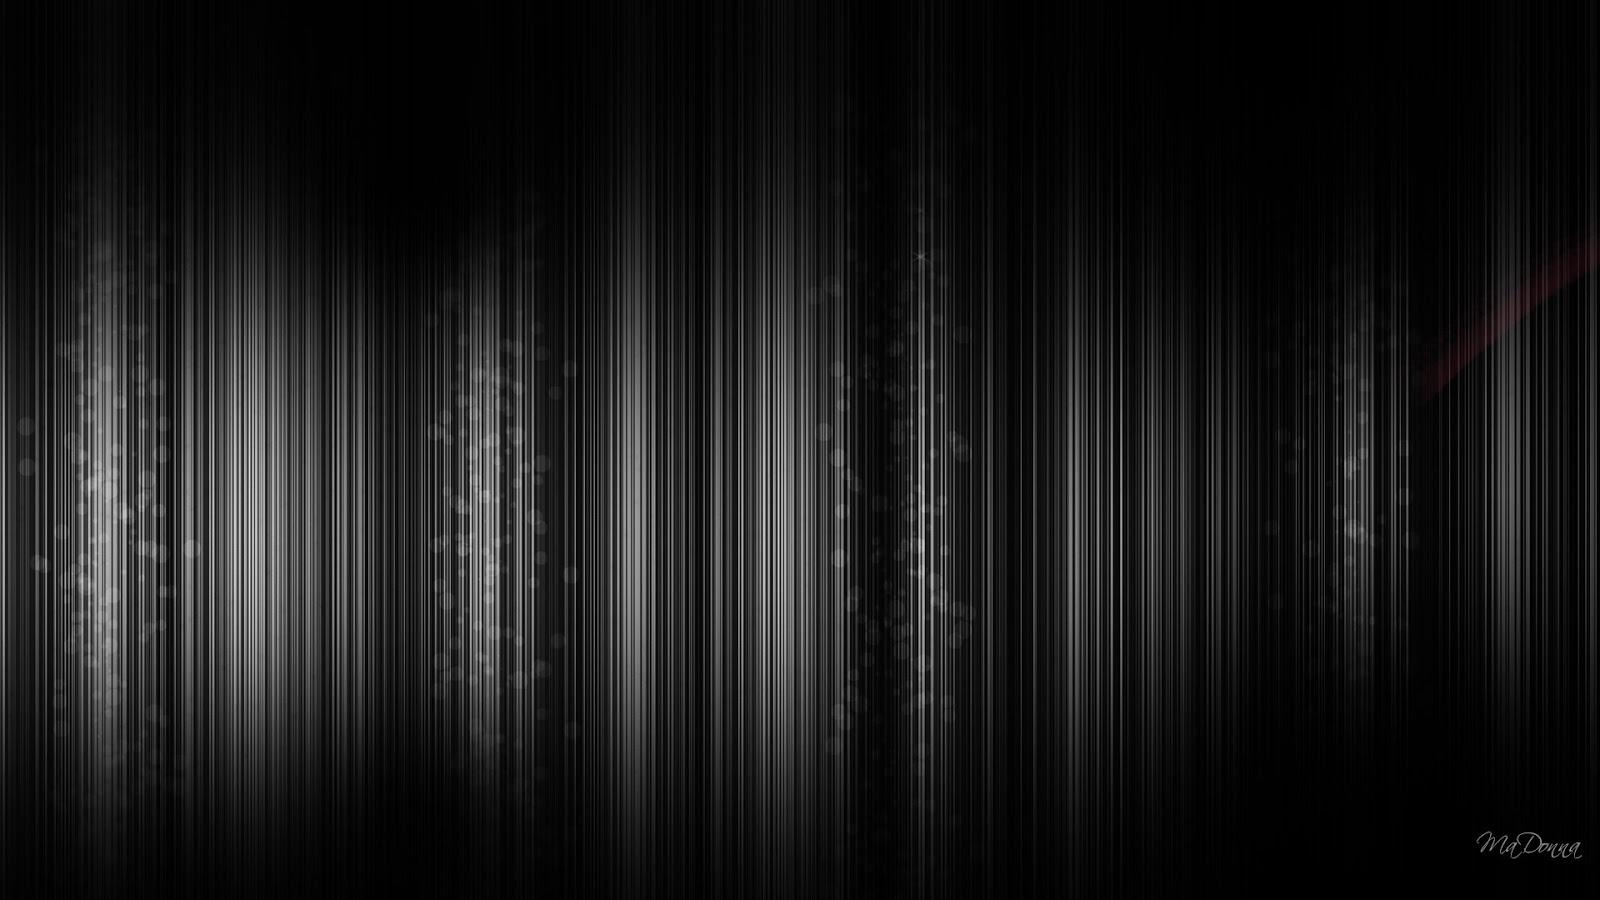 En yi siyah beyaz soyut duvar katlar sekizbir odanzn duvarna asmak iin yada bilgisayarnzn masastne eklemek iin siyahbeyaz soyut duvar katlar aryorsanz doru adrestesiniz voltagebd Choice Image